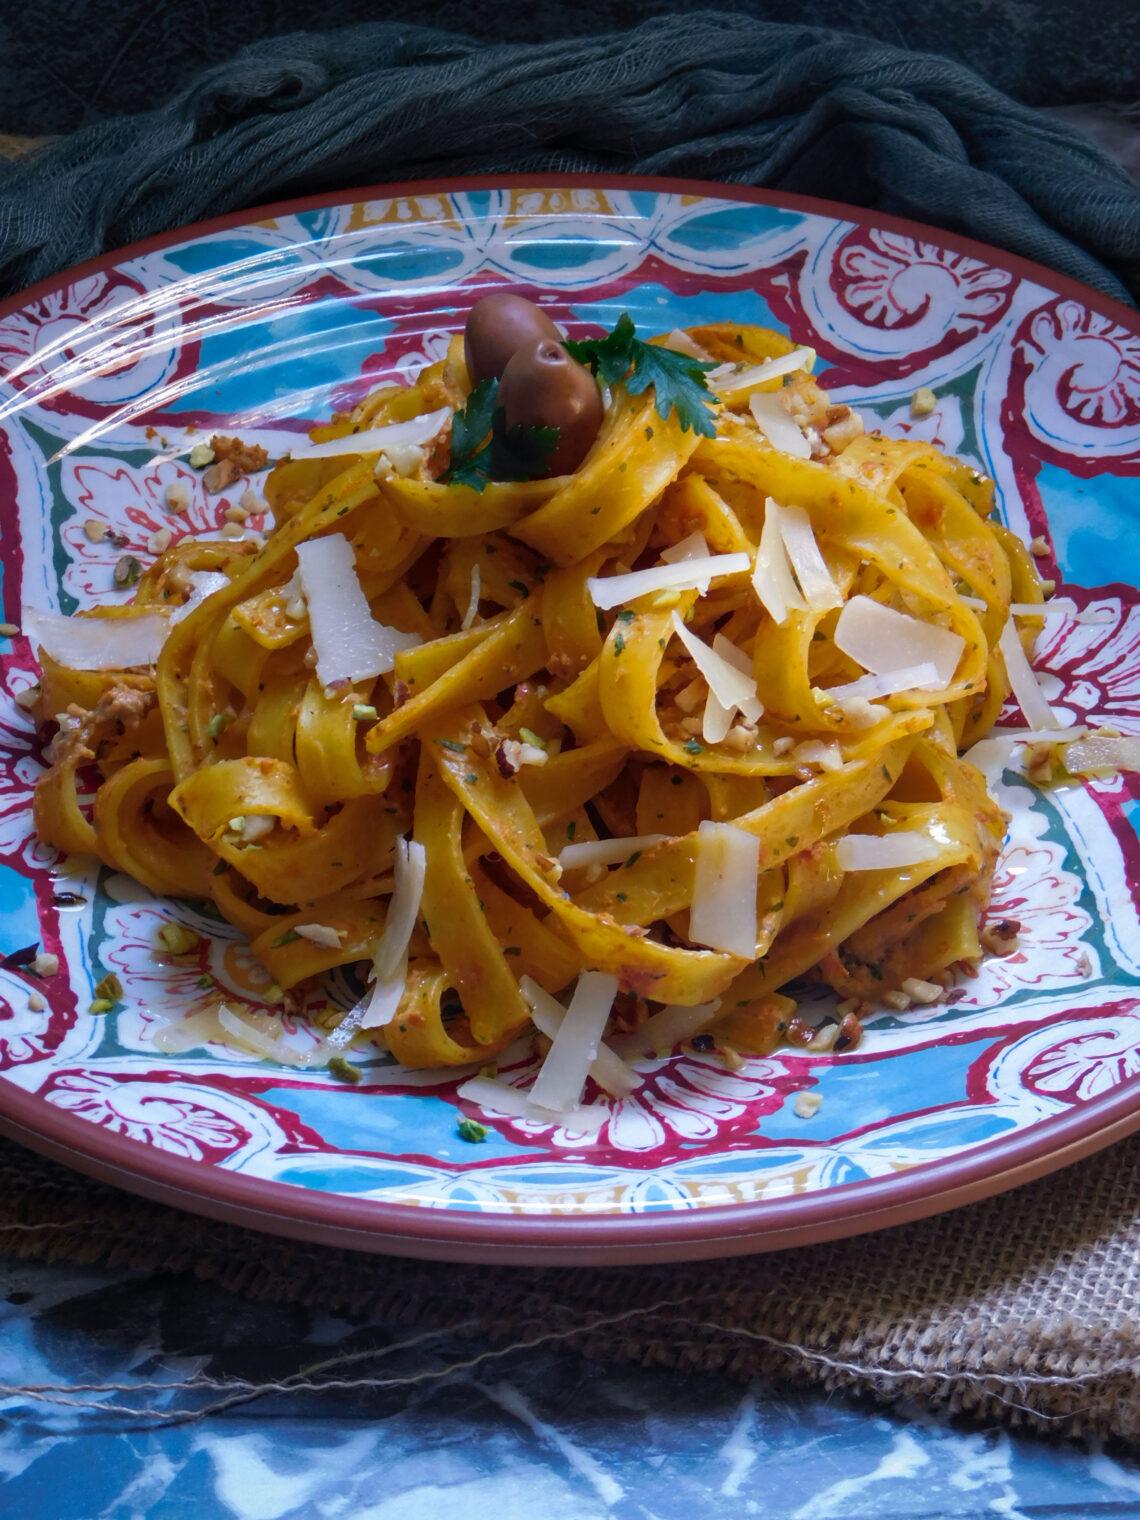 agliatelle al pesto di carciofi e pomodori secchi accompagnate da granella di pistacchi e nocciole, scaglie e un filo d'olio extra vergine di oliva